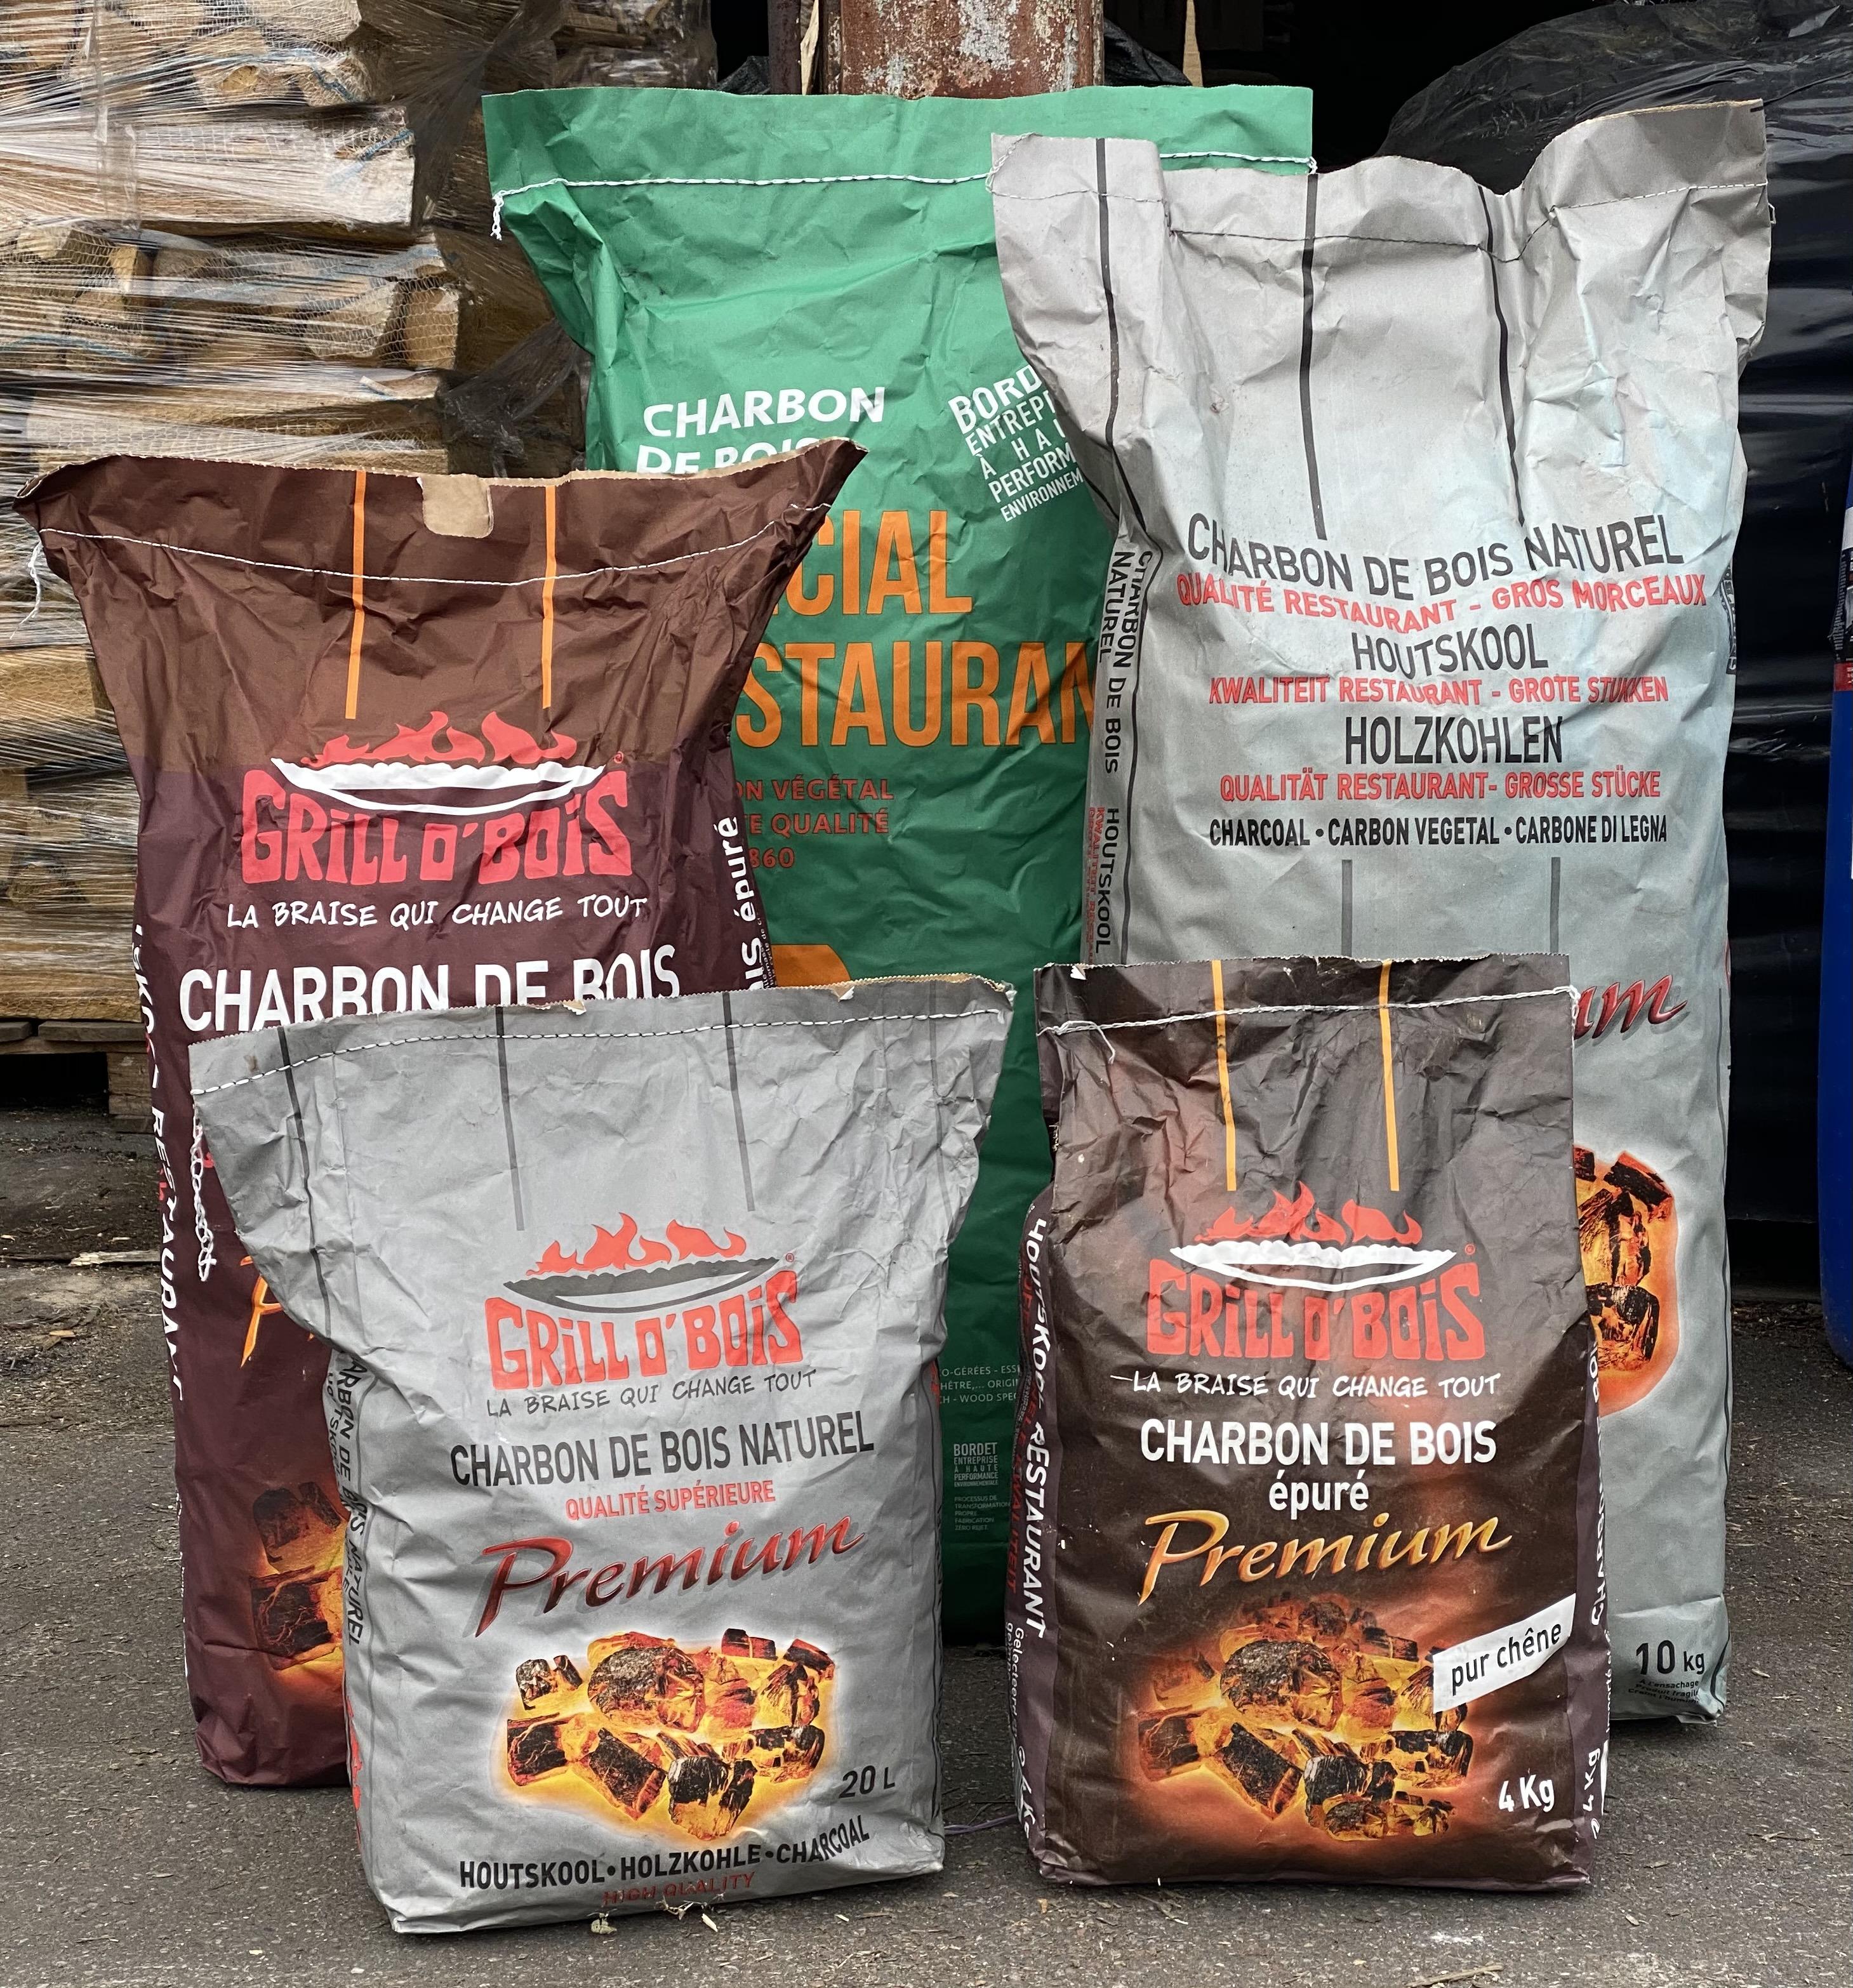 Sac charbons de bois Leverger combustibles livraison et achat charbon 77 78 91 92 93 94 95 et Paris